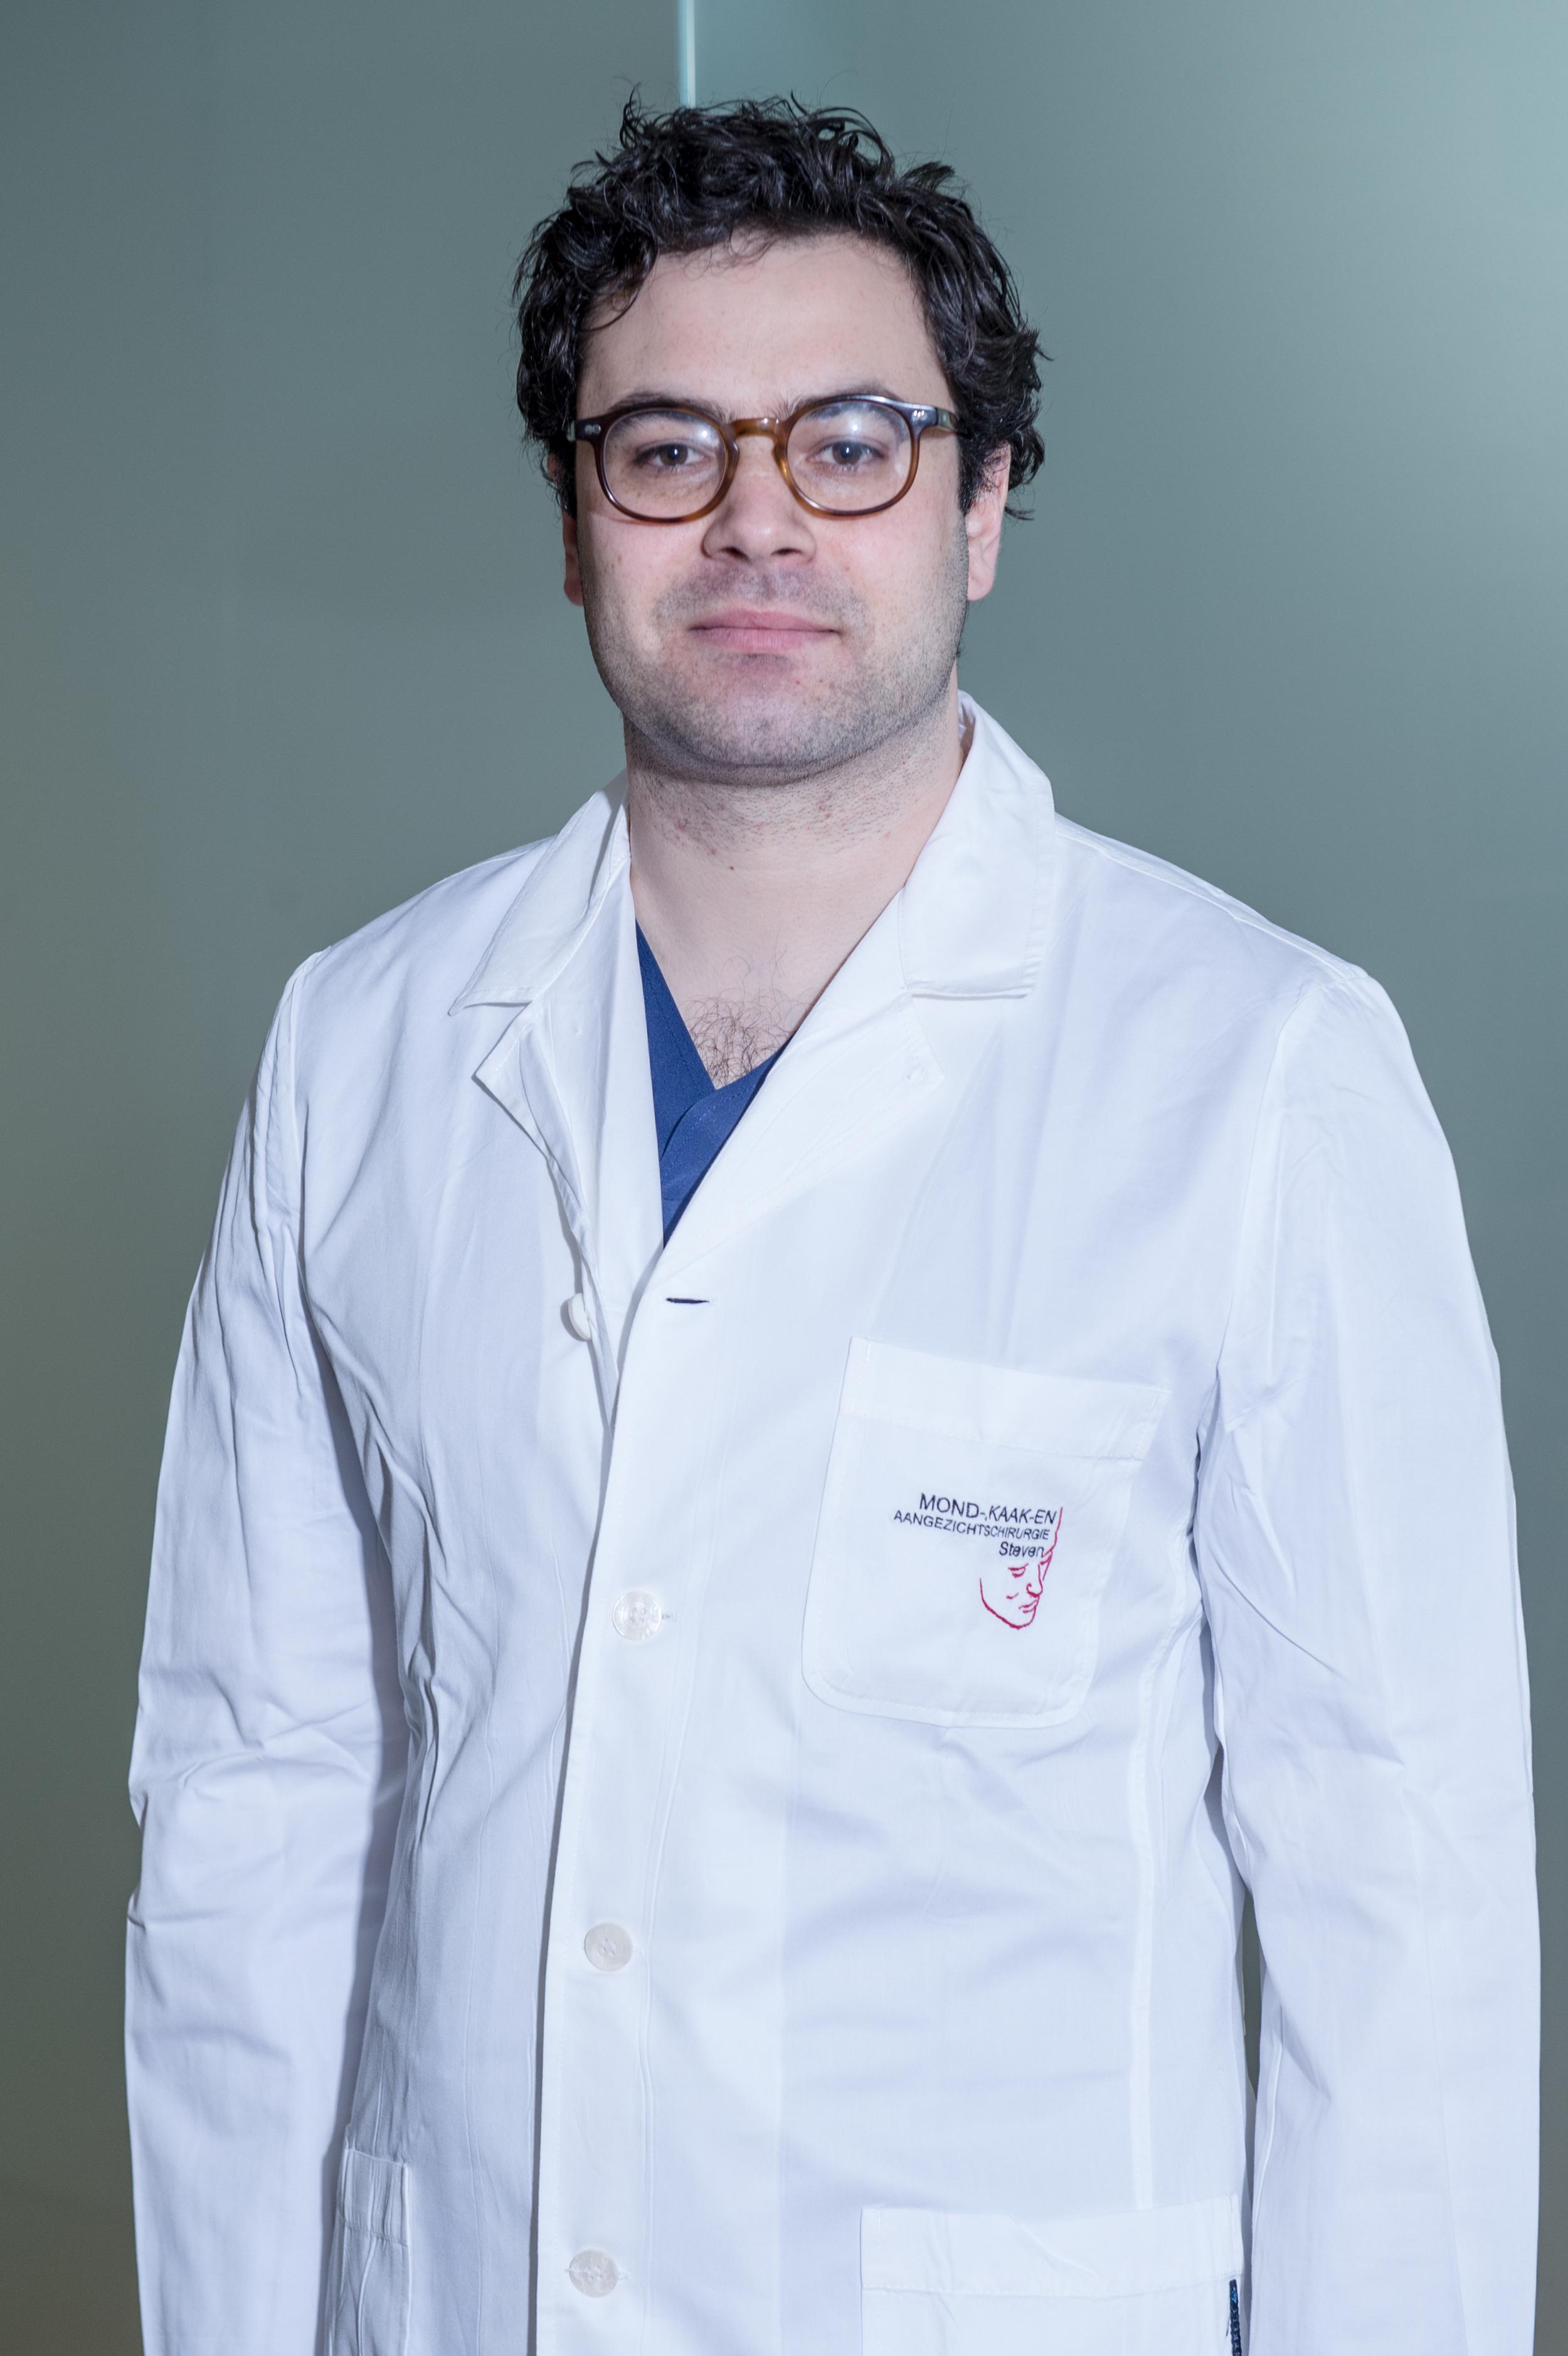 Dr Stevens